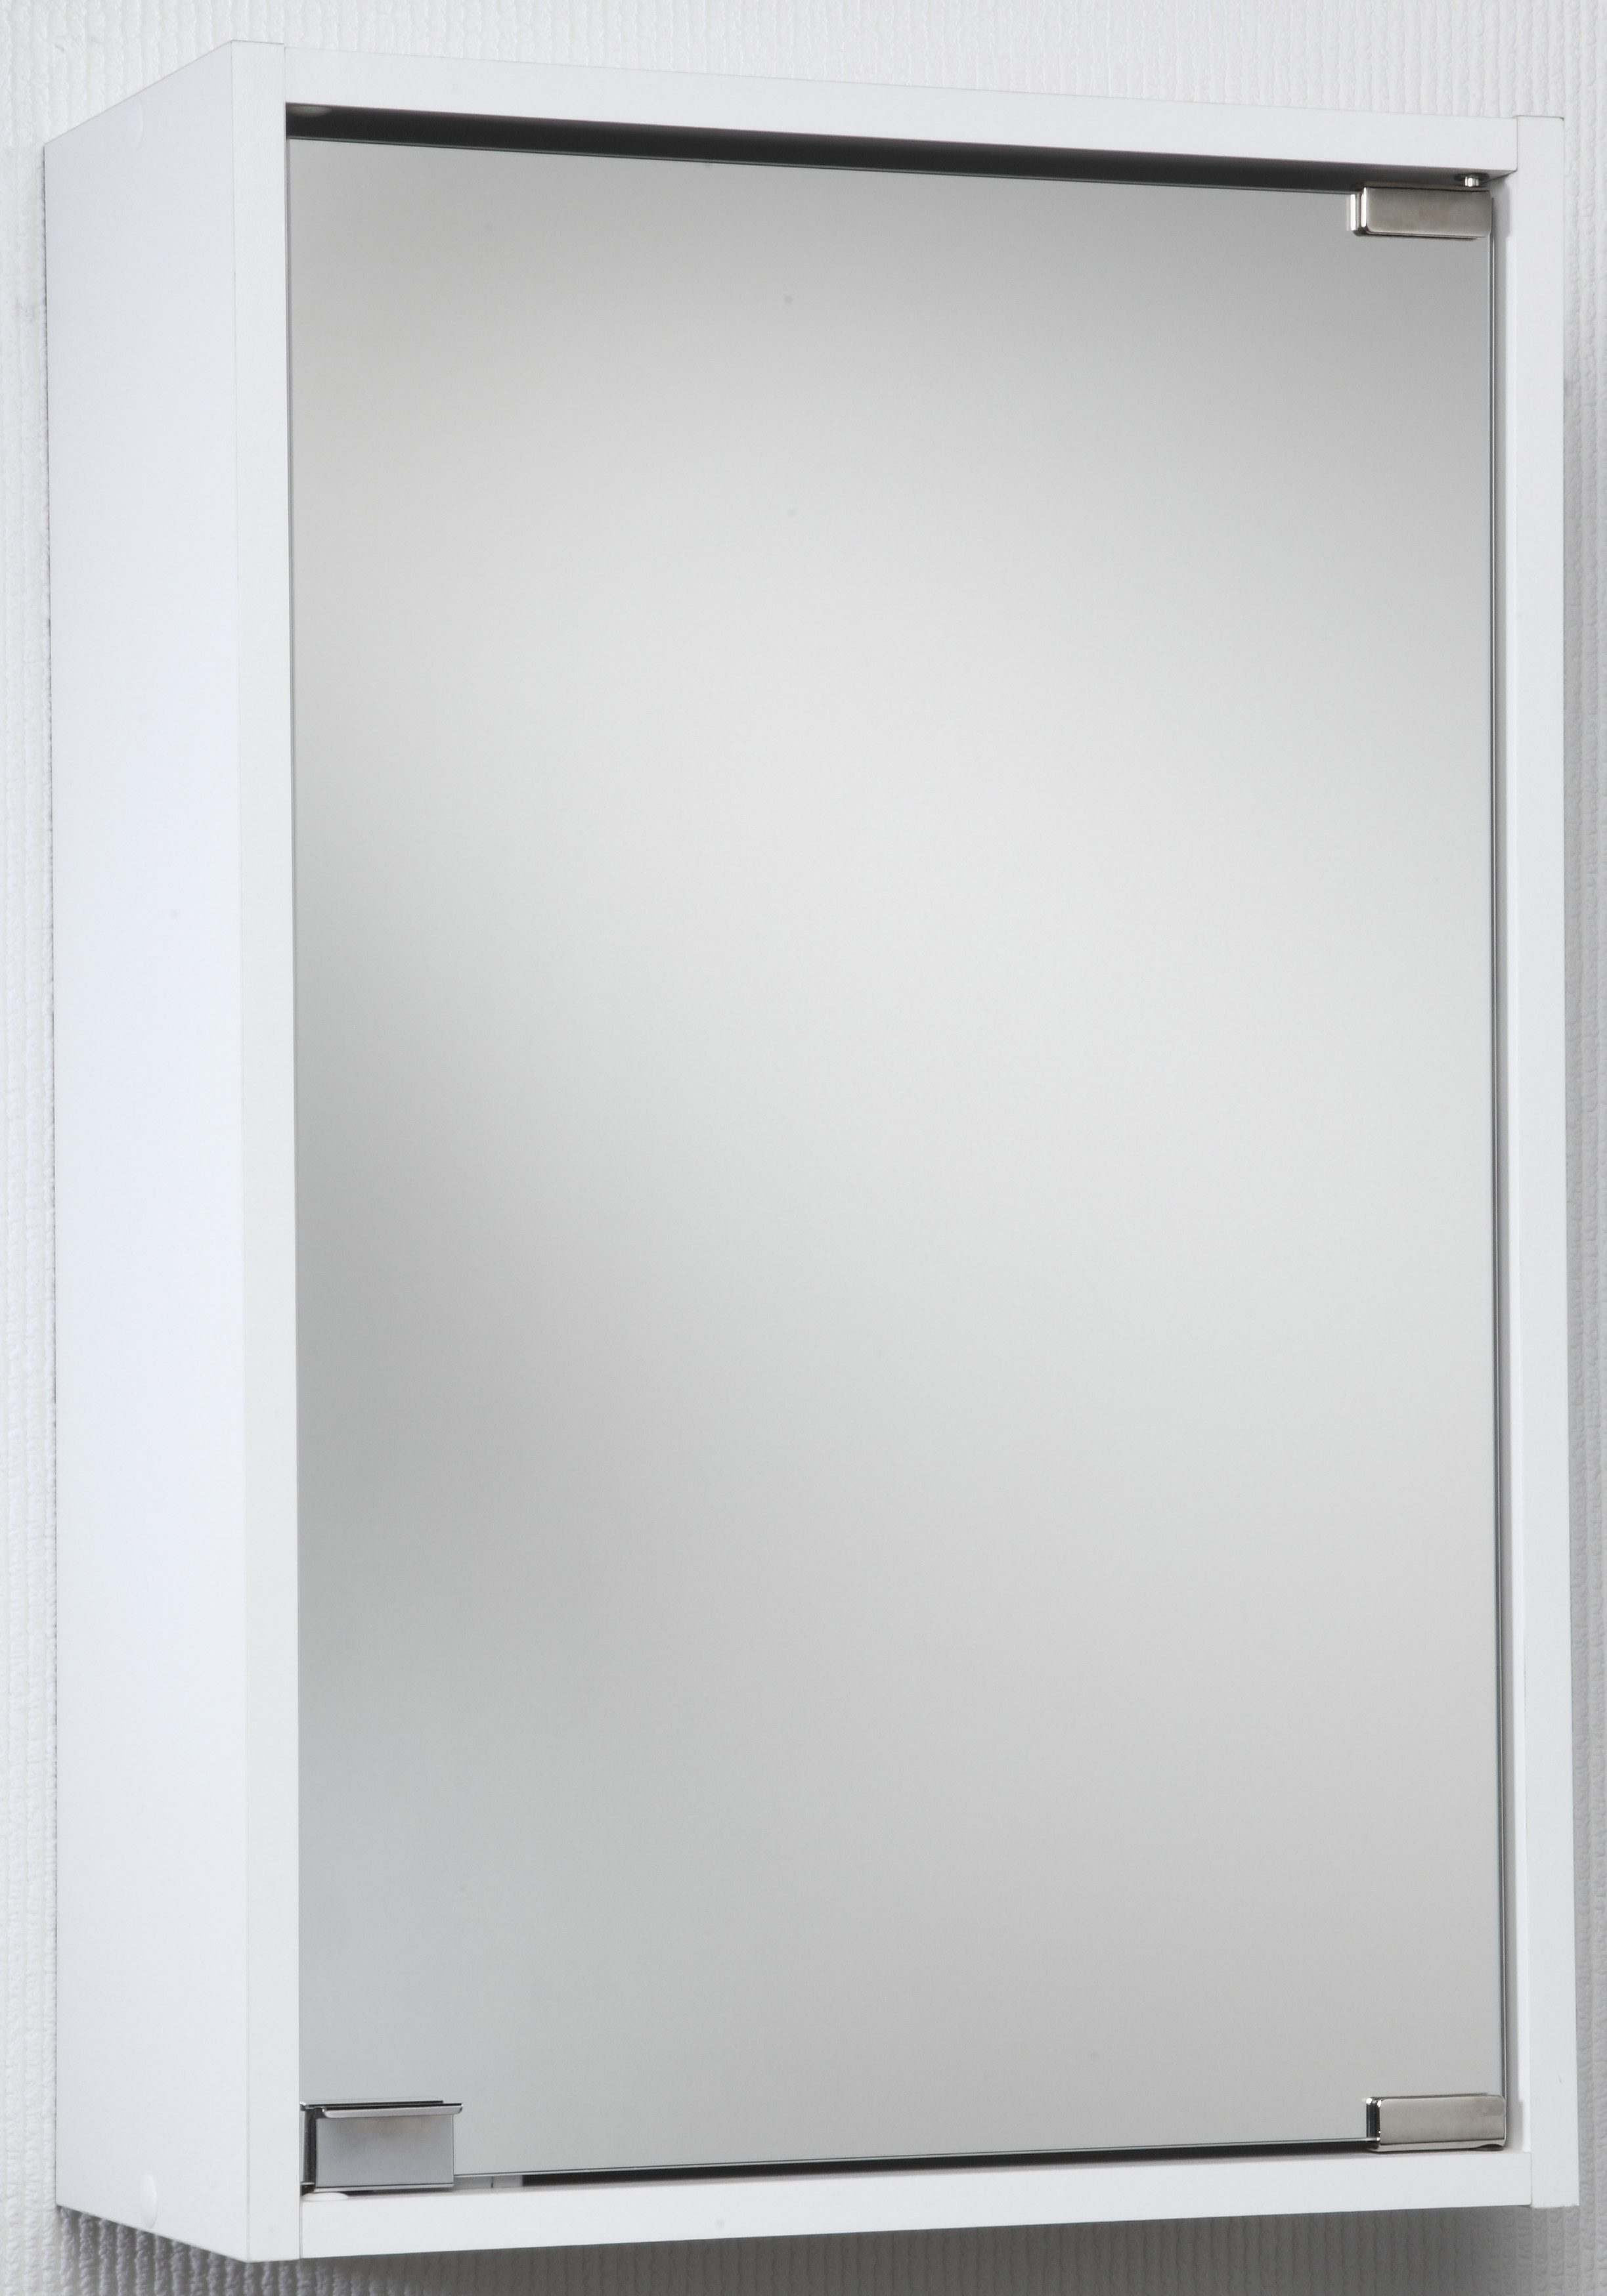 Innovativ Spiegelschrank online kaufen » Viele Modelle | OTTO IW44